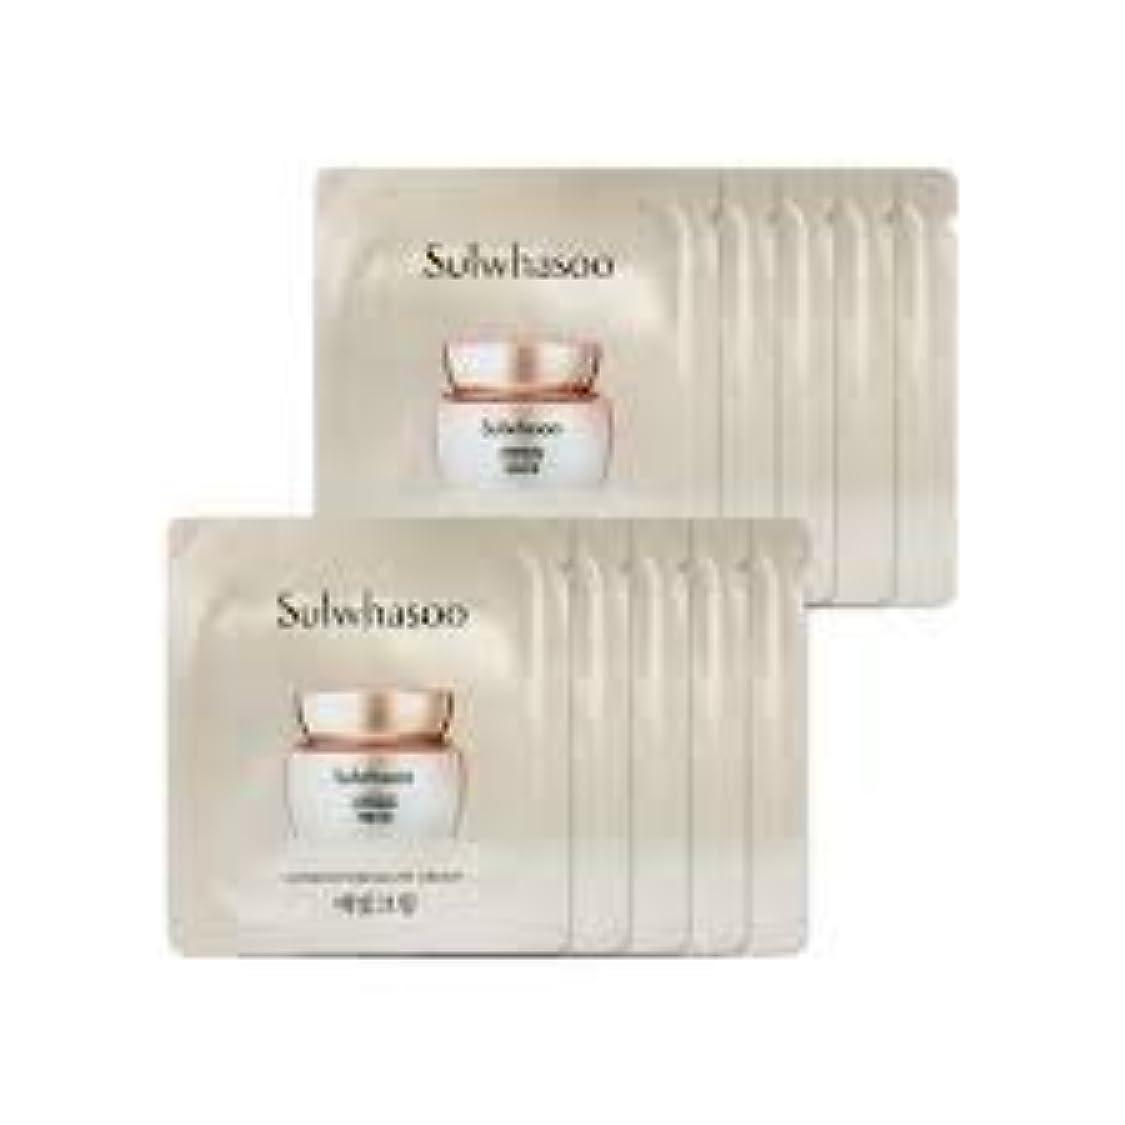 アドバイス脱獄影響力のある[ソルファス ] Sulwhasoo (雪花秀) ルミナチュアグロー Luminature Glow Cream 1ml x 30 (イェビトクリーム) [ShopMaster1]